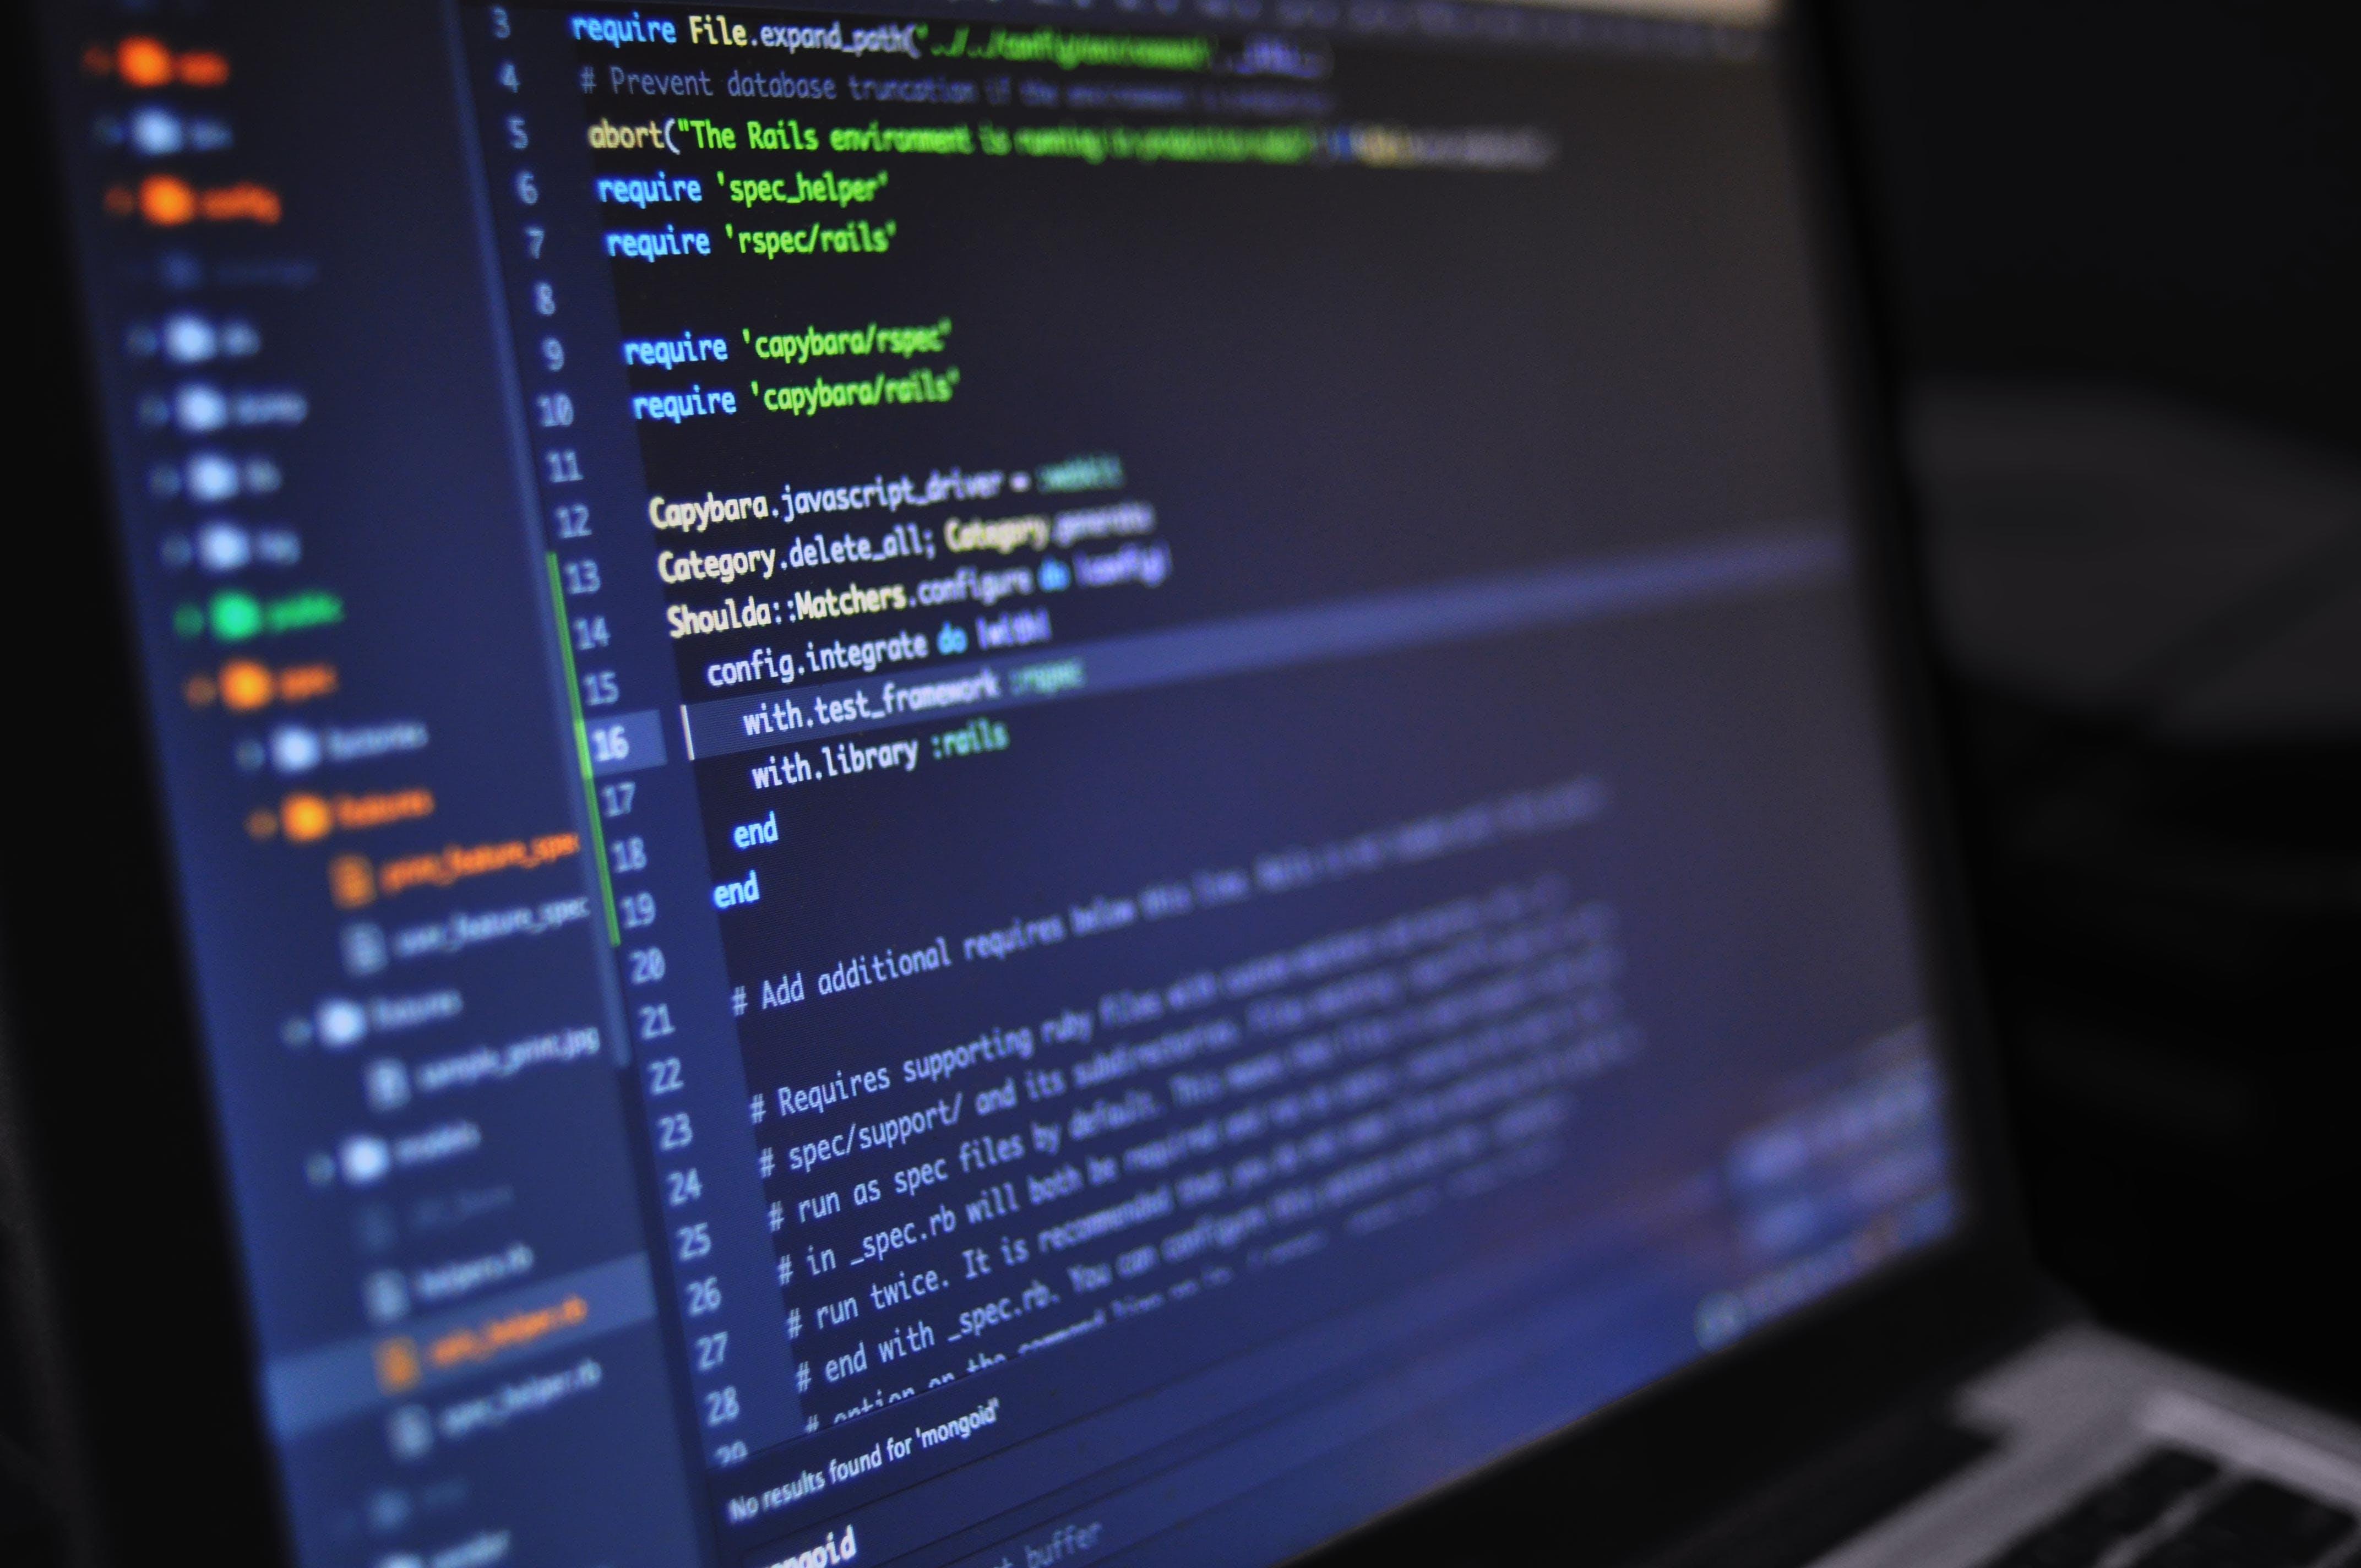 ペーパー版とは異なる!WEBテスティングサービスの対策5つを紹介